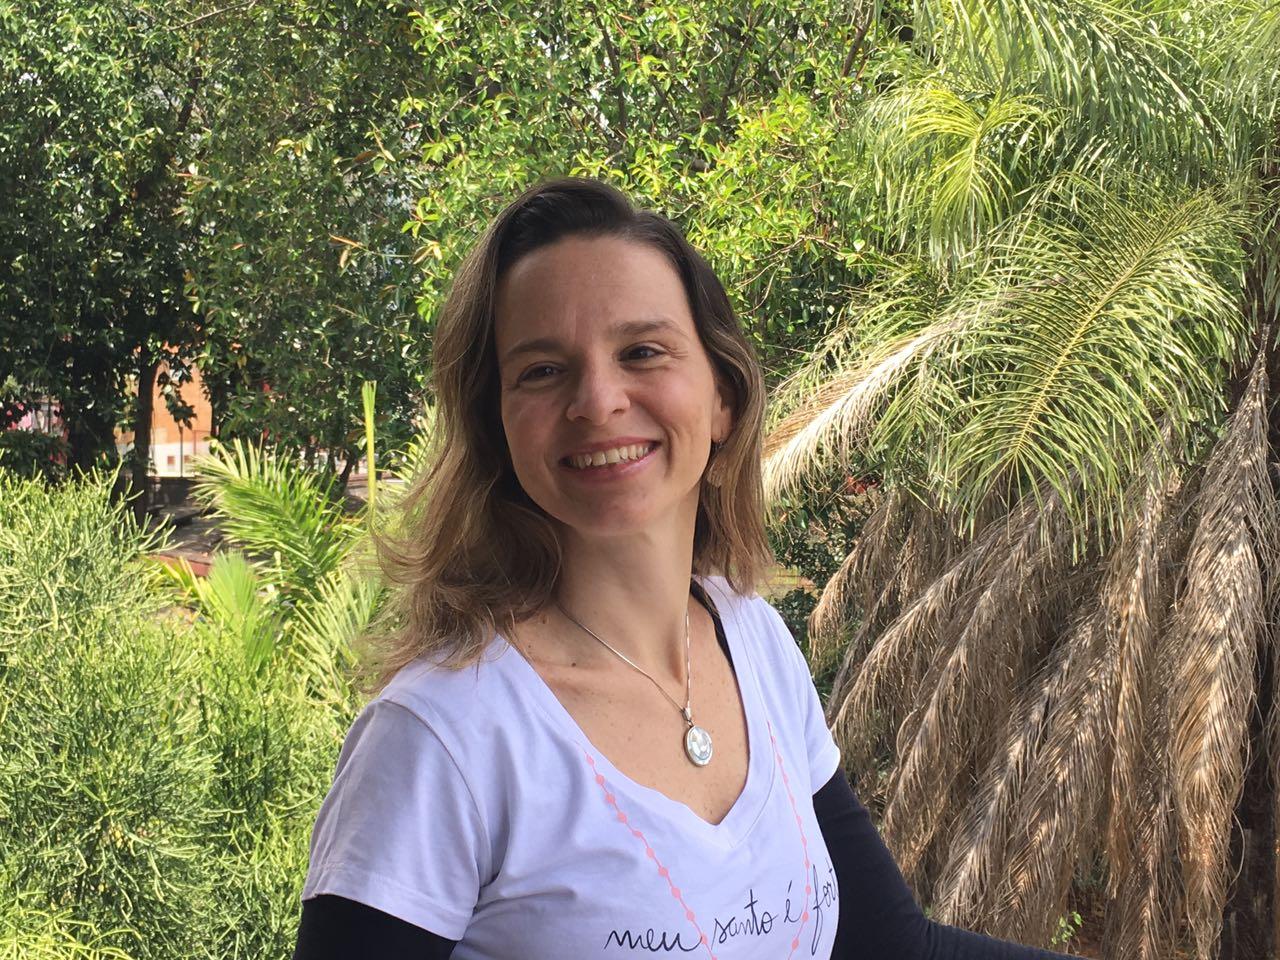 Michelle Prazeres conta como a maternidade a fez perceber que corria à tôa, atrás de urgências que não eram urgente. (foto: Solano Diniz)